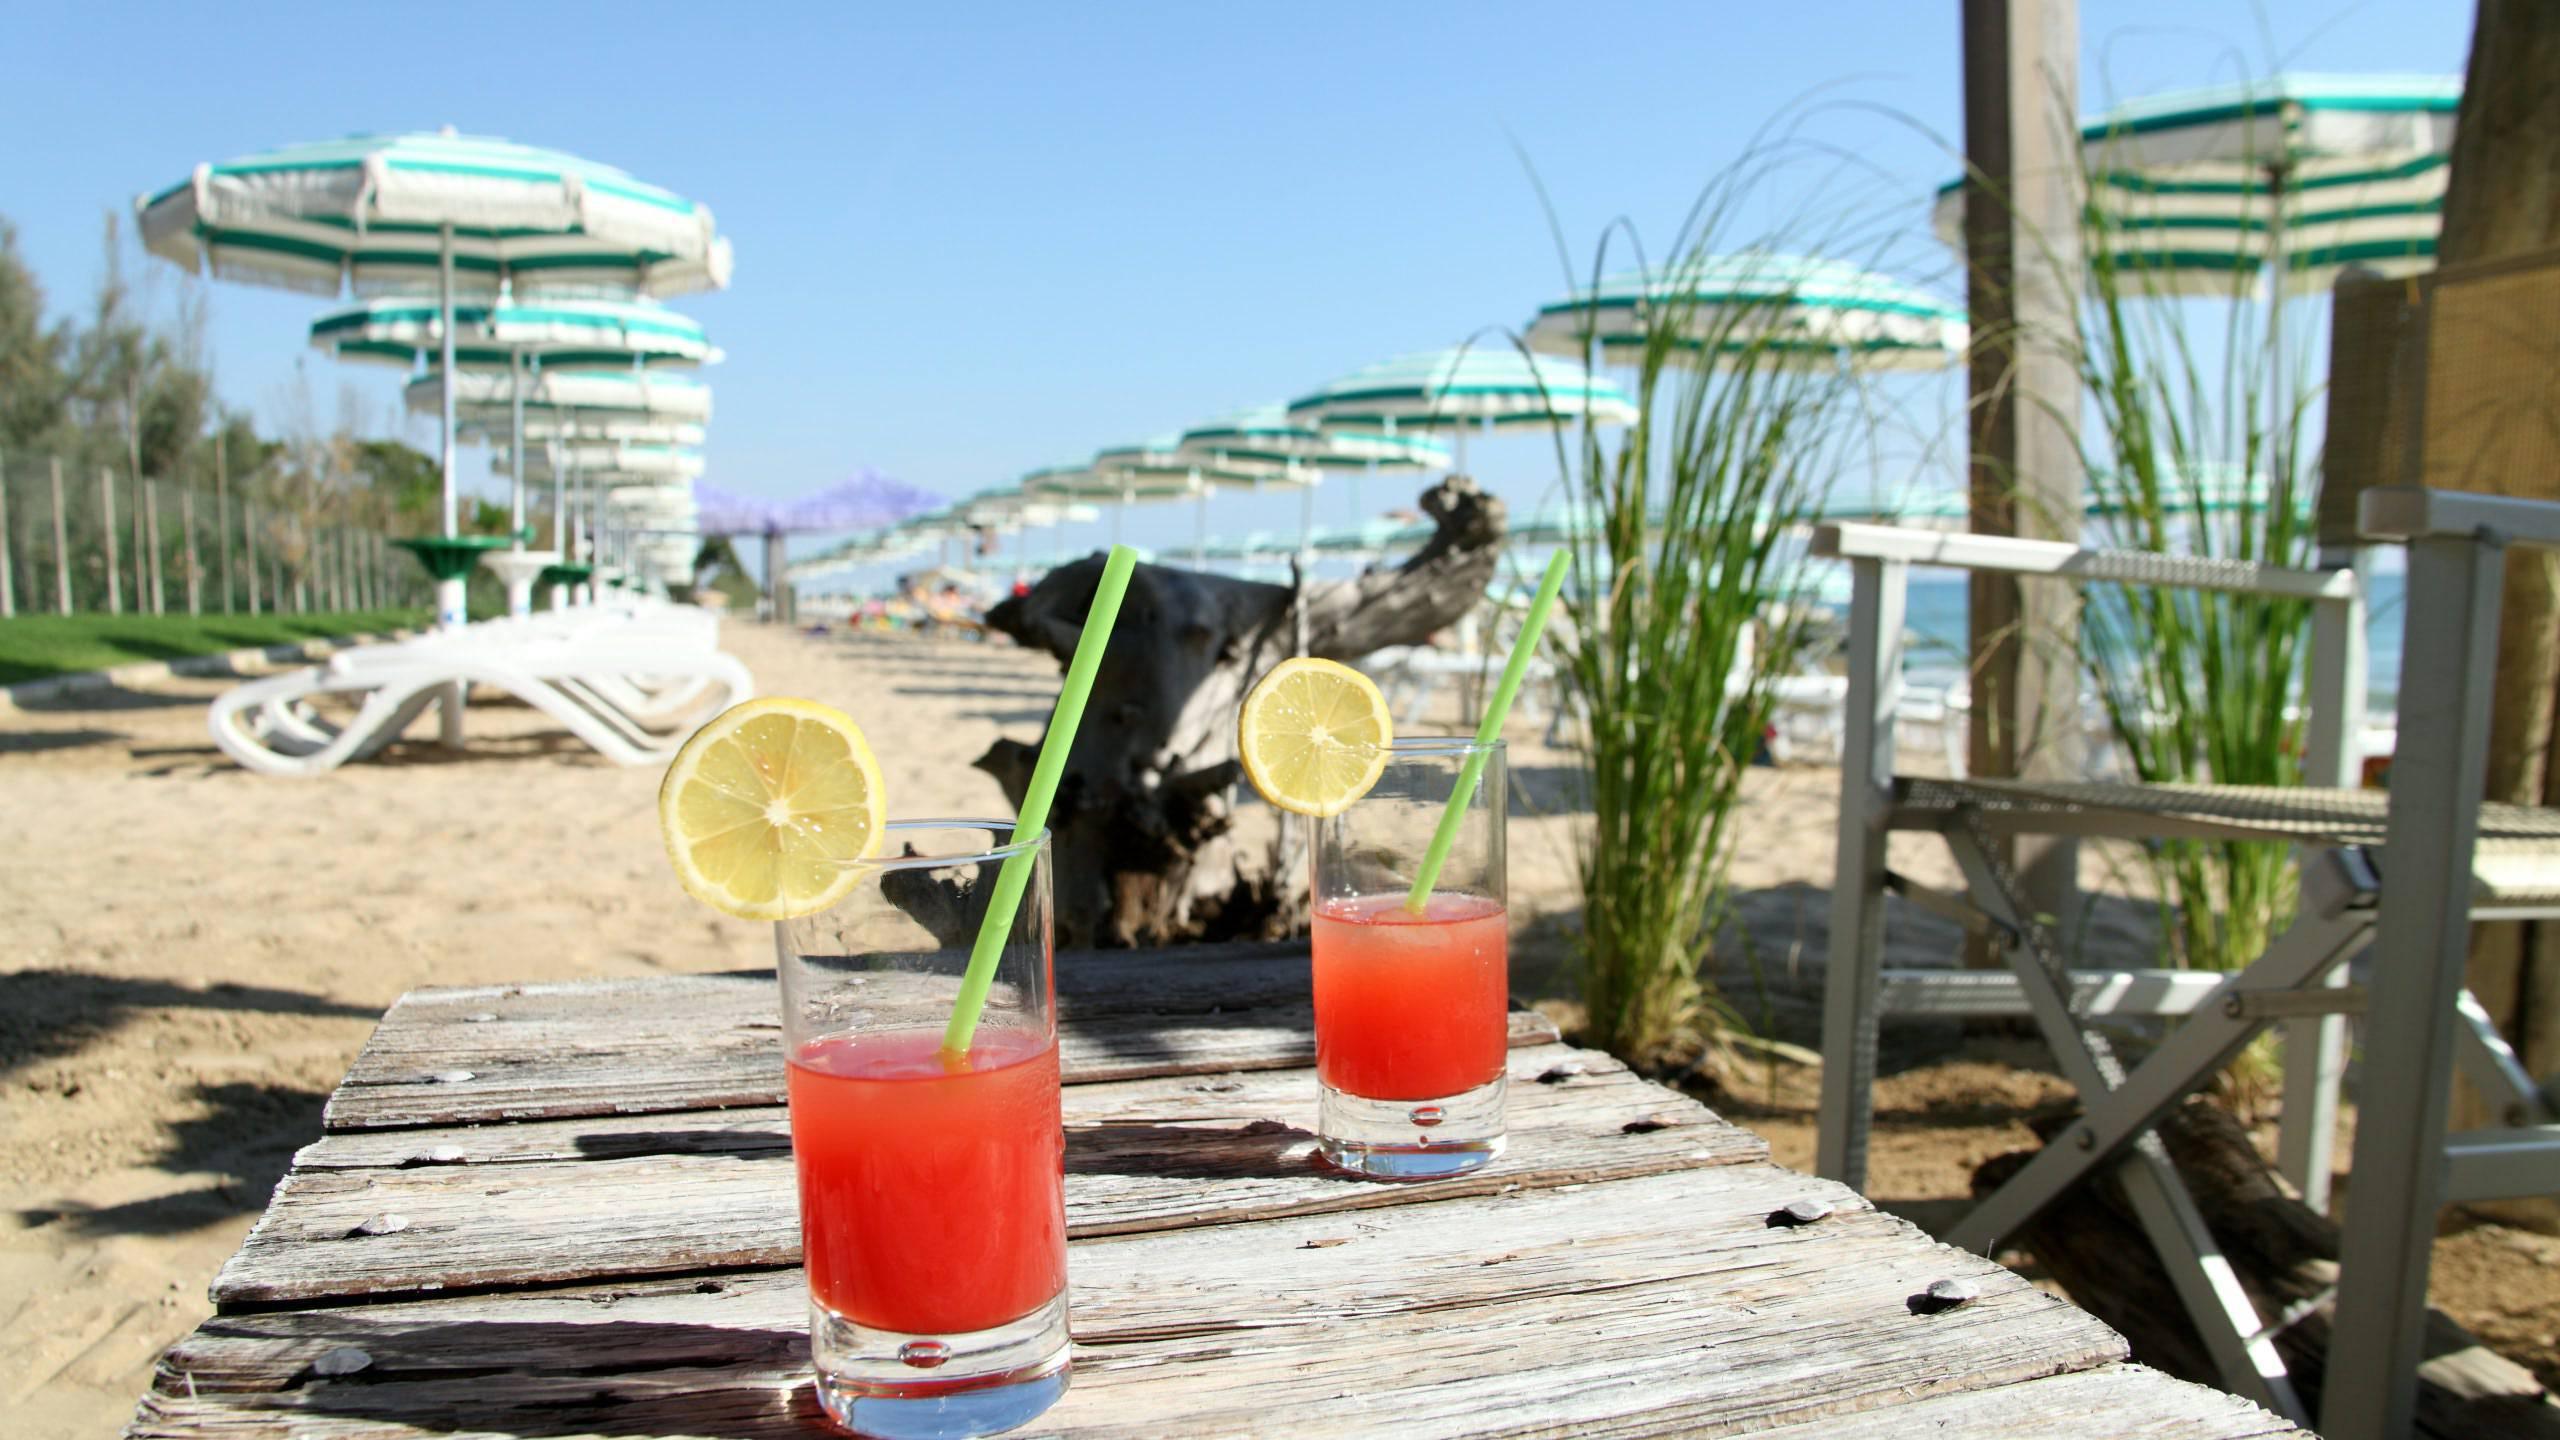 pineto-beach-village-camping-pineto-abruzzo-bar-ristorante-7-new